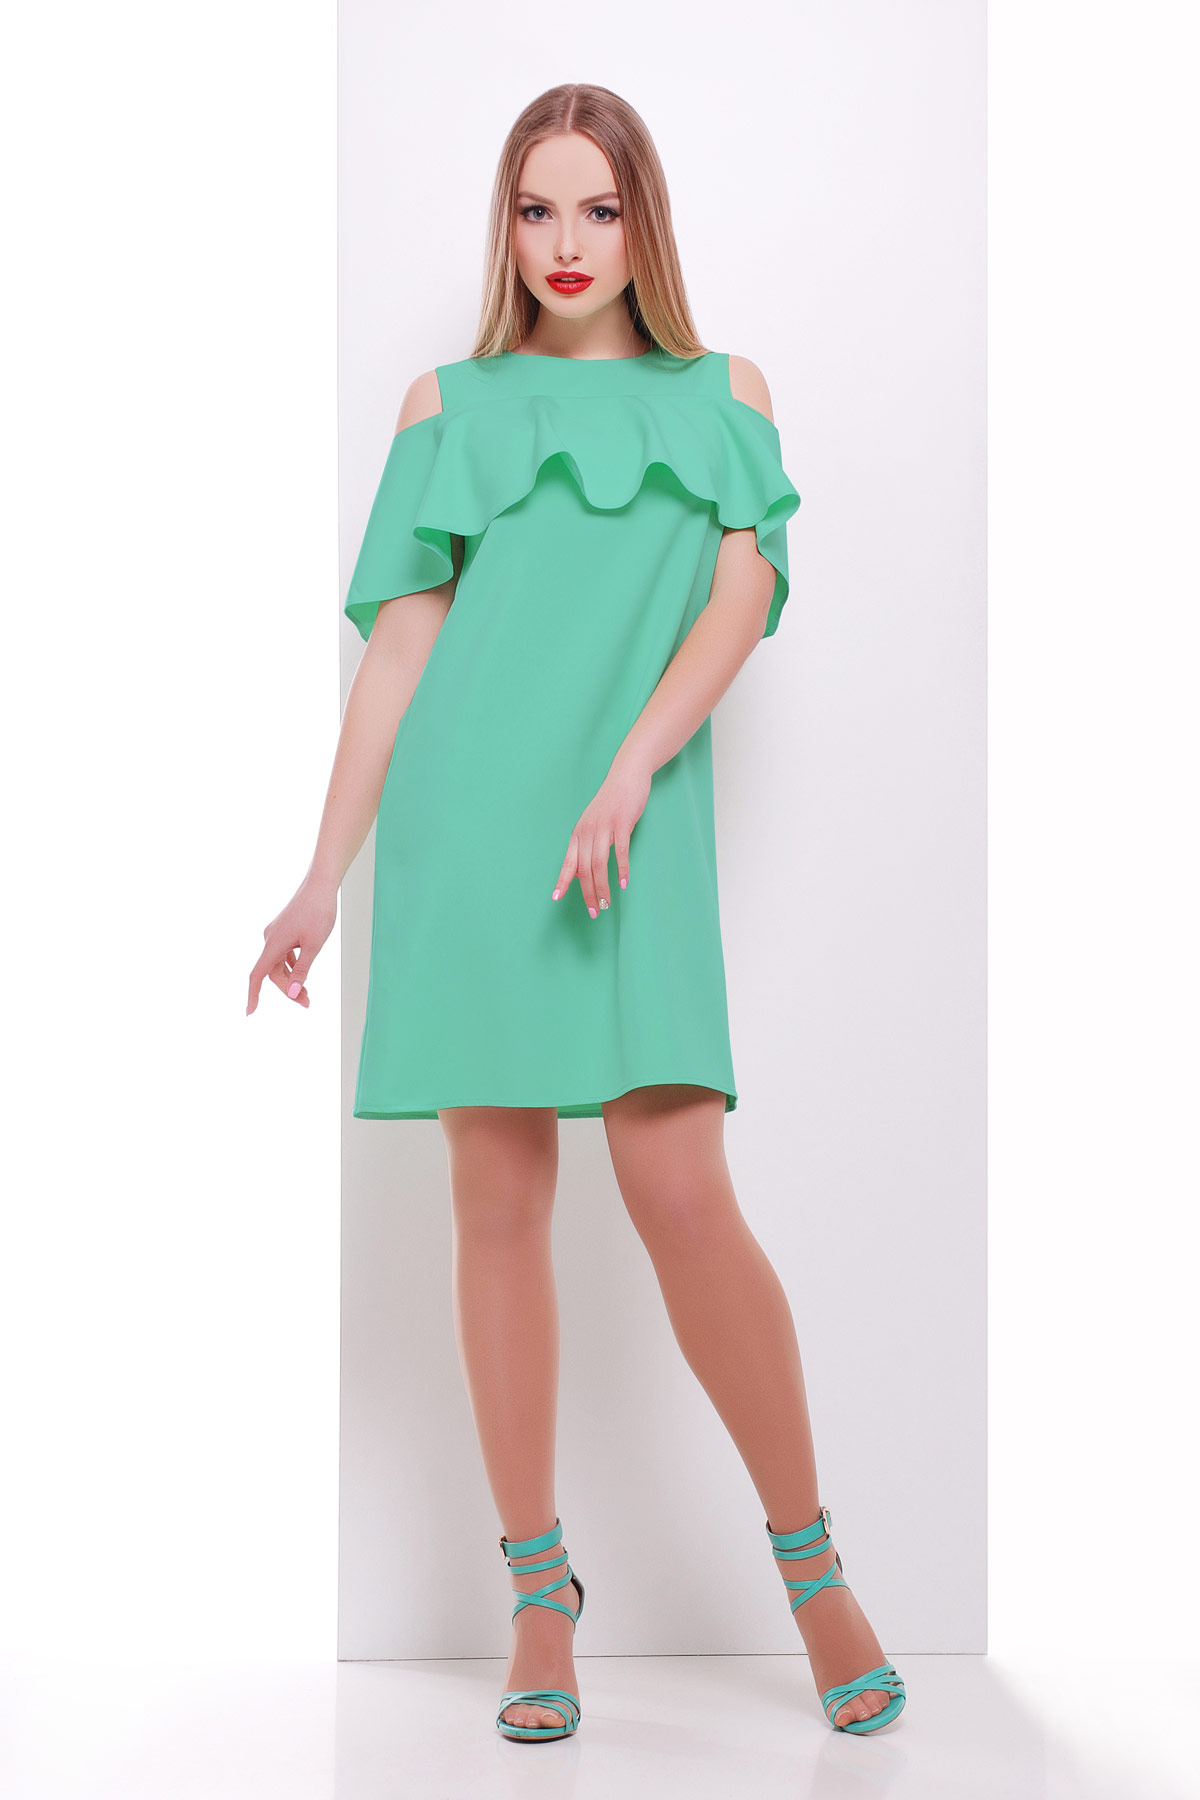 мятное платье с воланом на плечах. платье Ольбия б р. Цвет  мята 28862ed397a